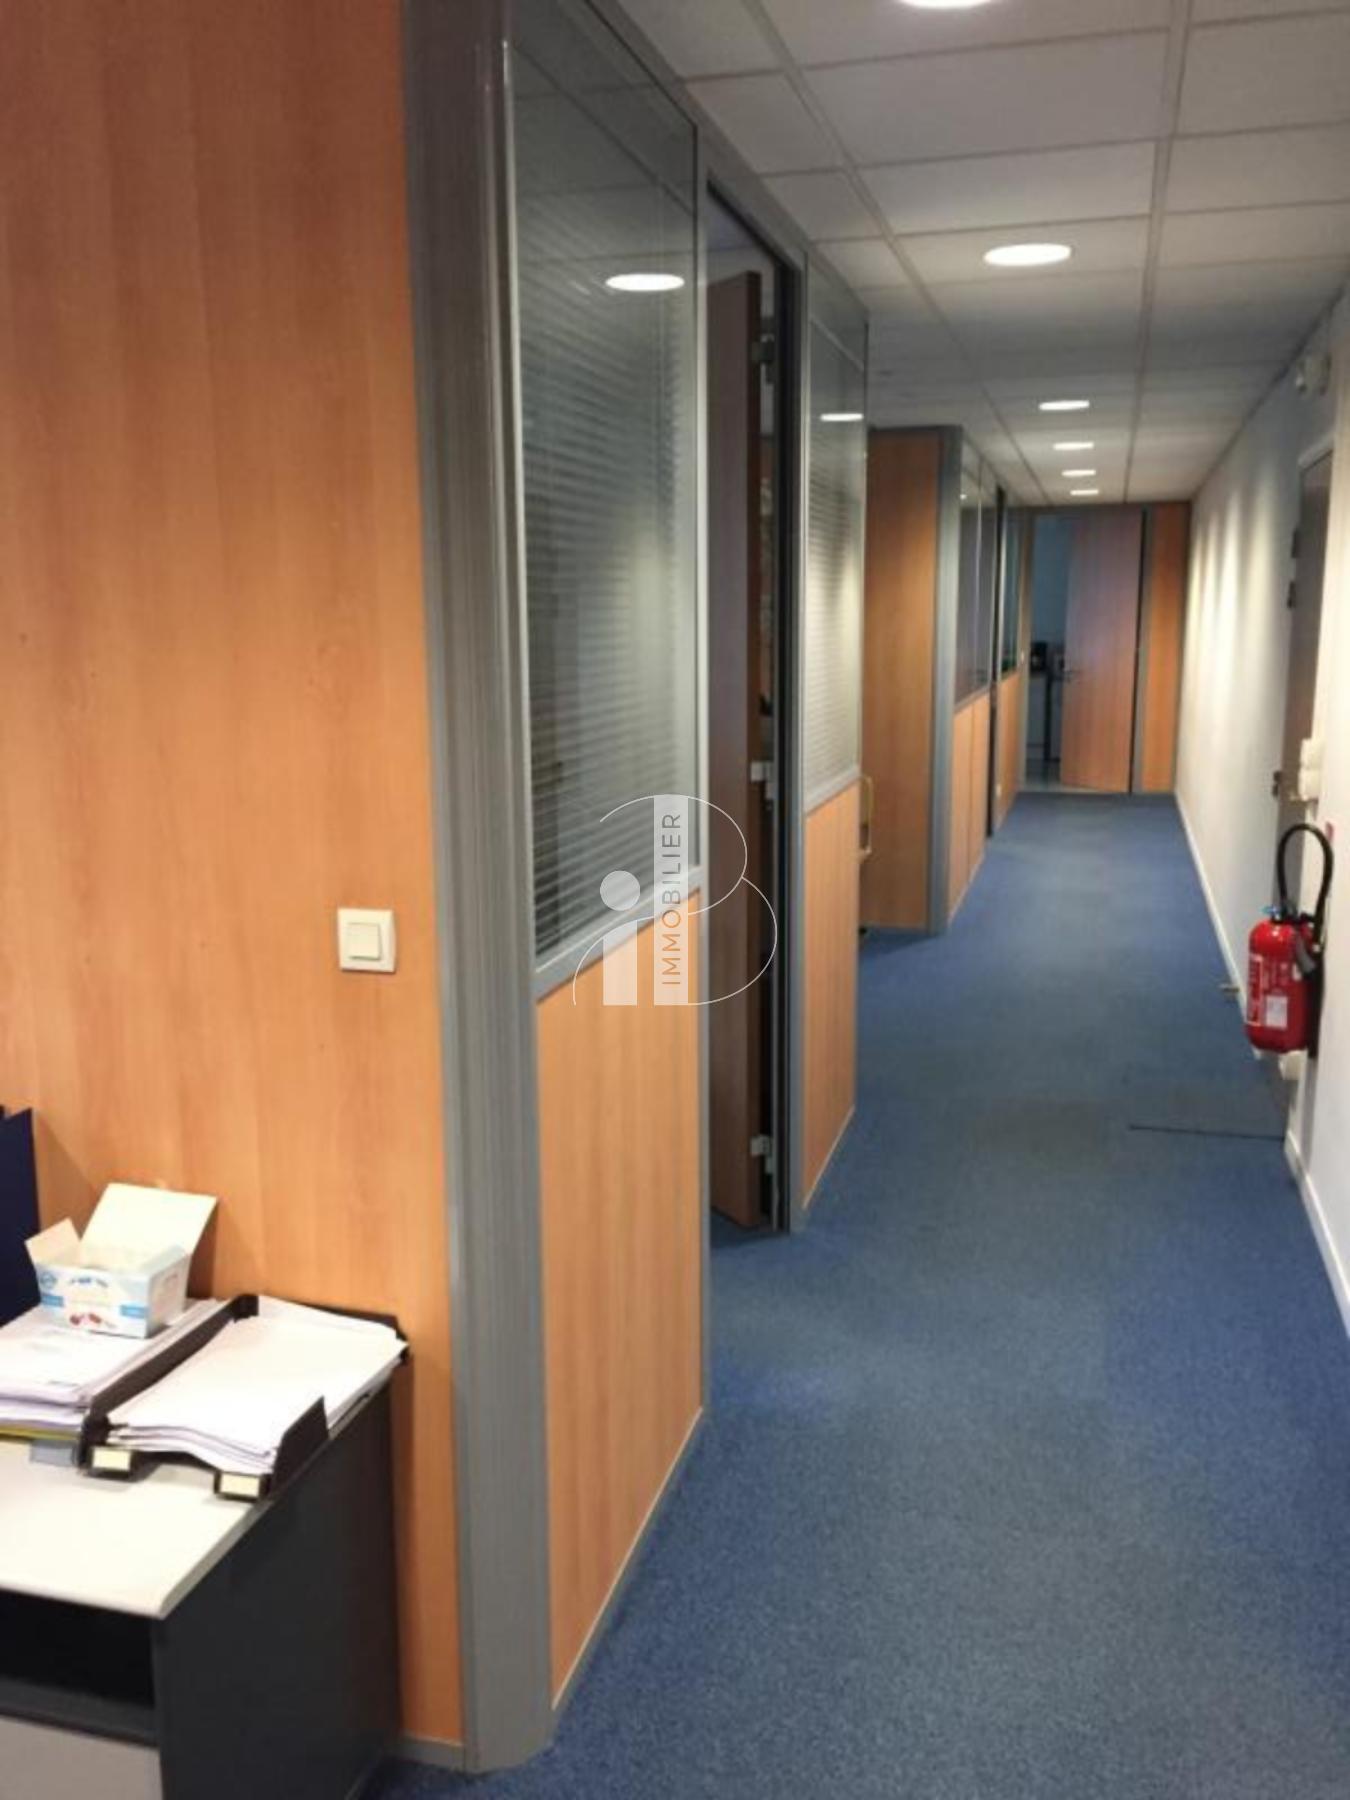 AVON GARE PLATEAU DE BUREAUX DE 277 M² A LOUER - Bureau Local Entrepôt